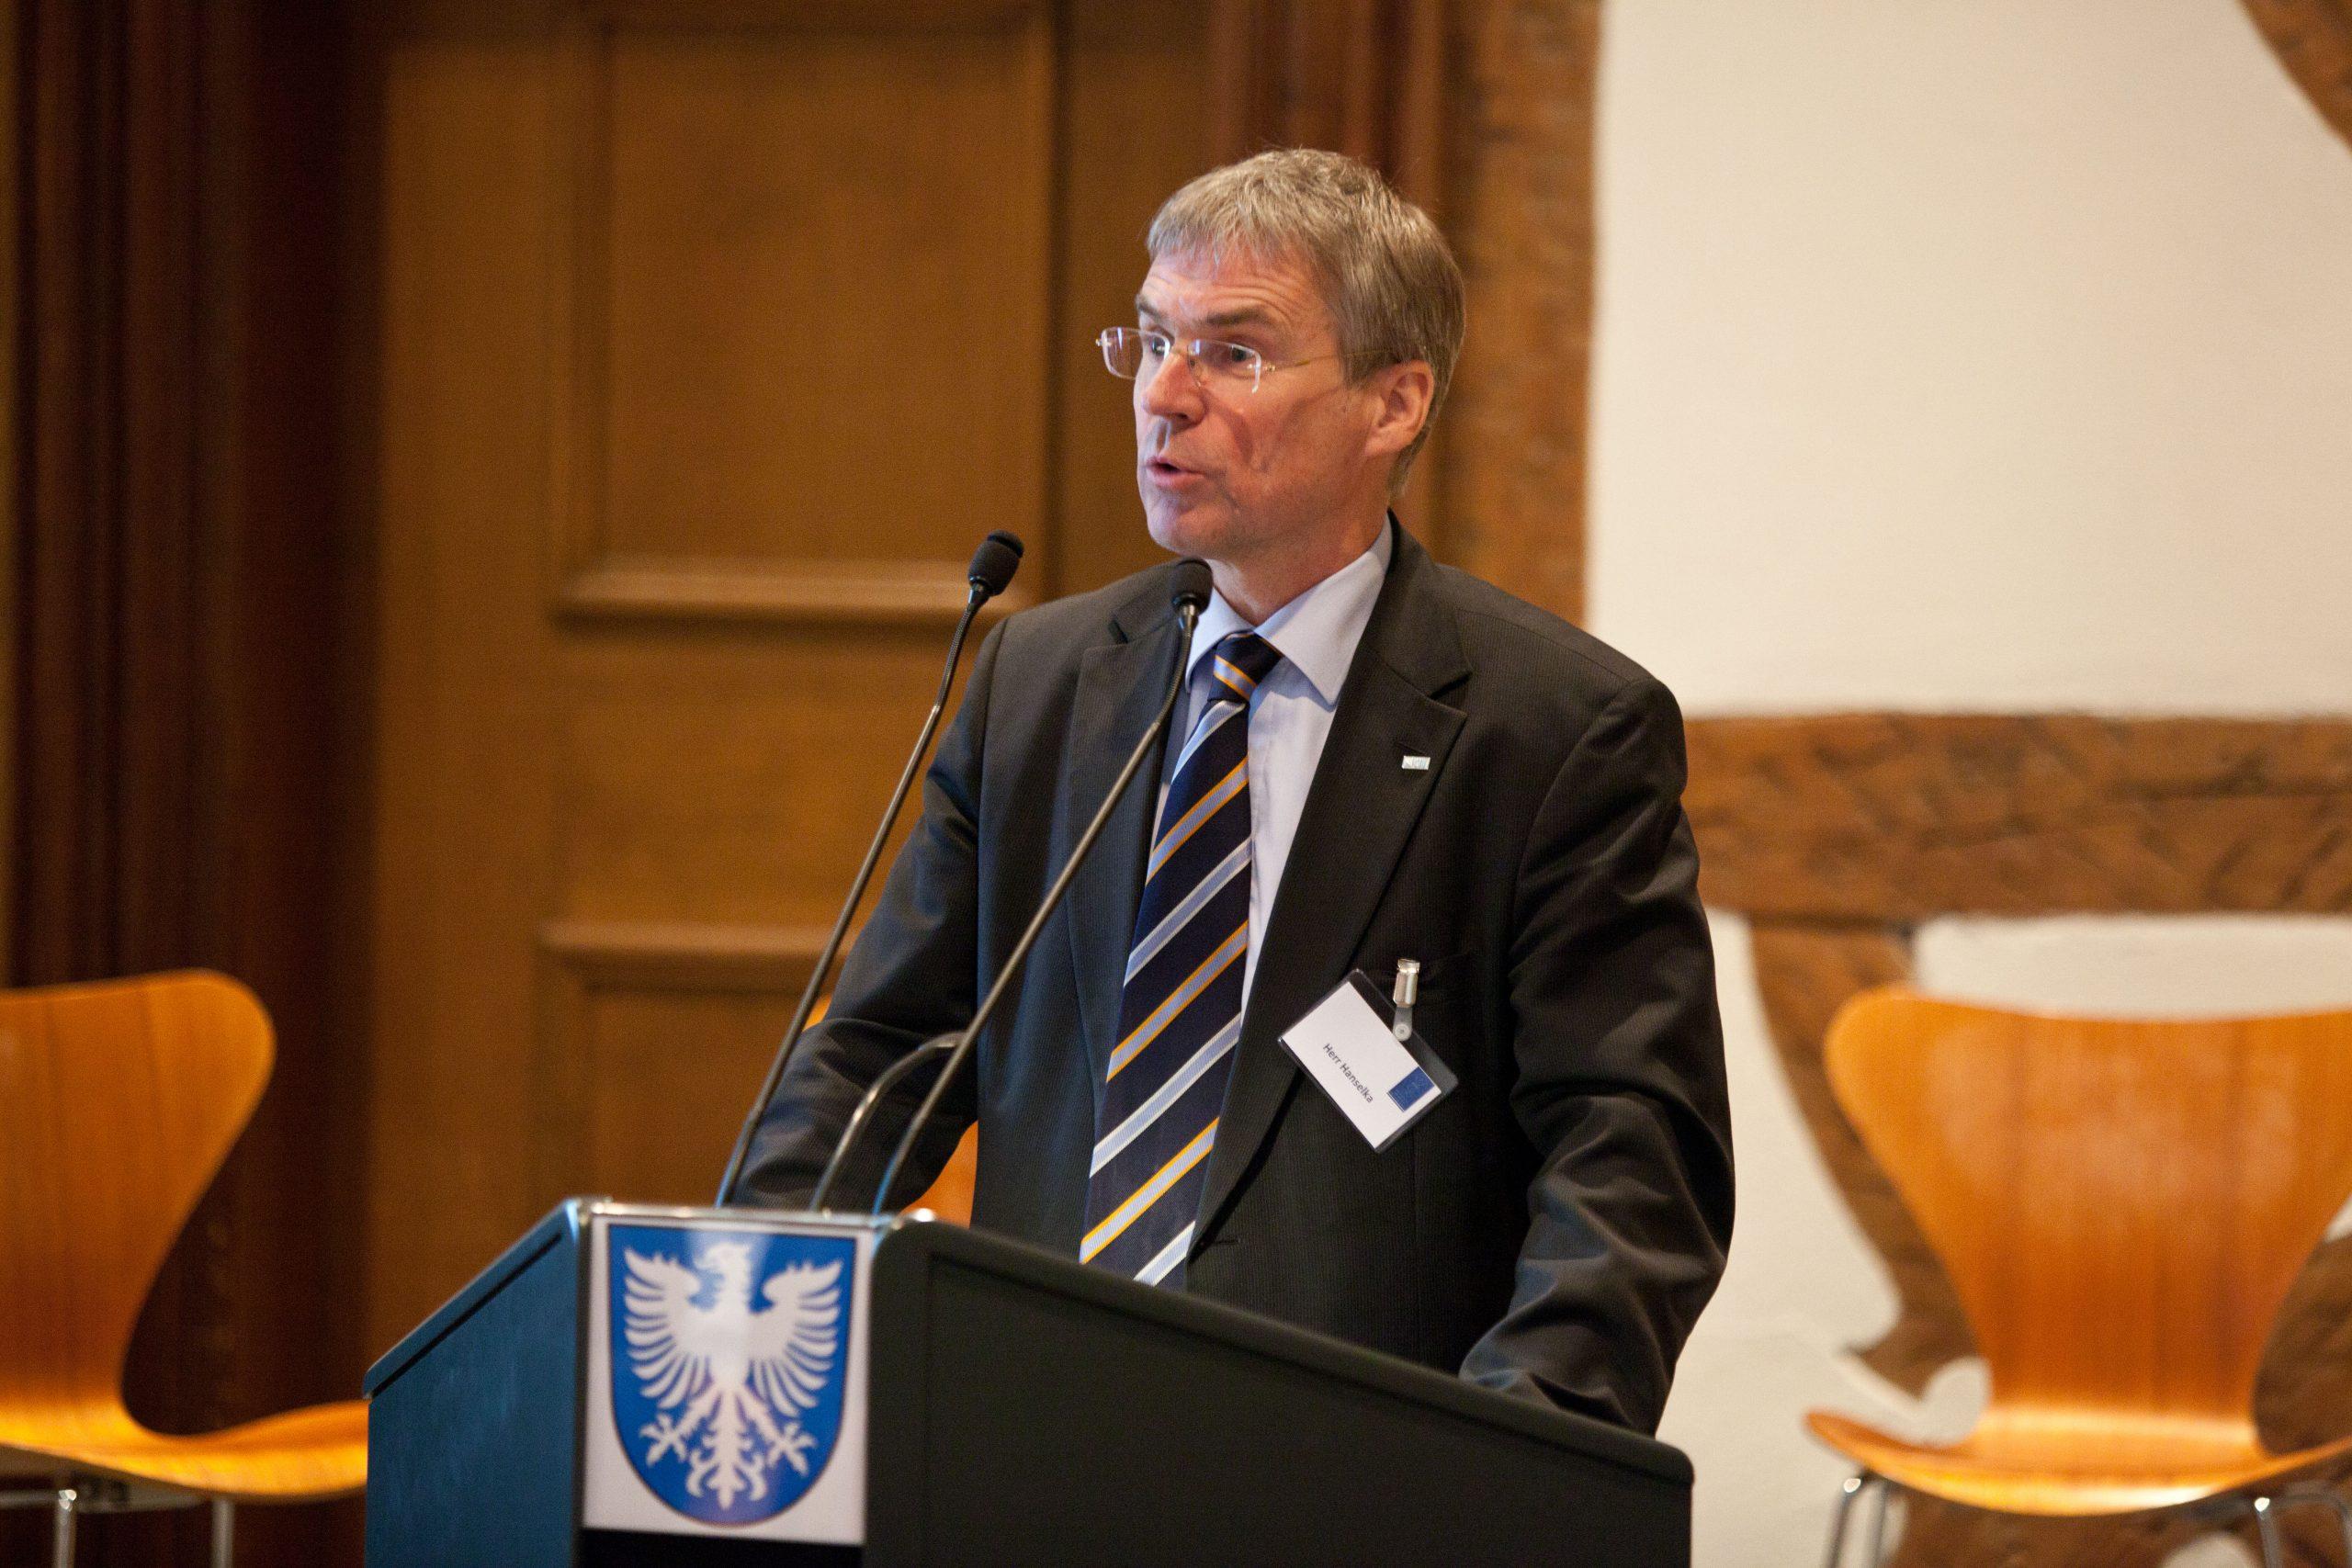 Jahresveranstaltung 2017 Holger Hanselka bei seinem Vortrag. Foto: Pressebüro Stefan Pfister/Schweinfurt